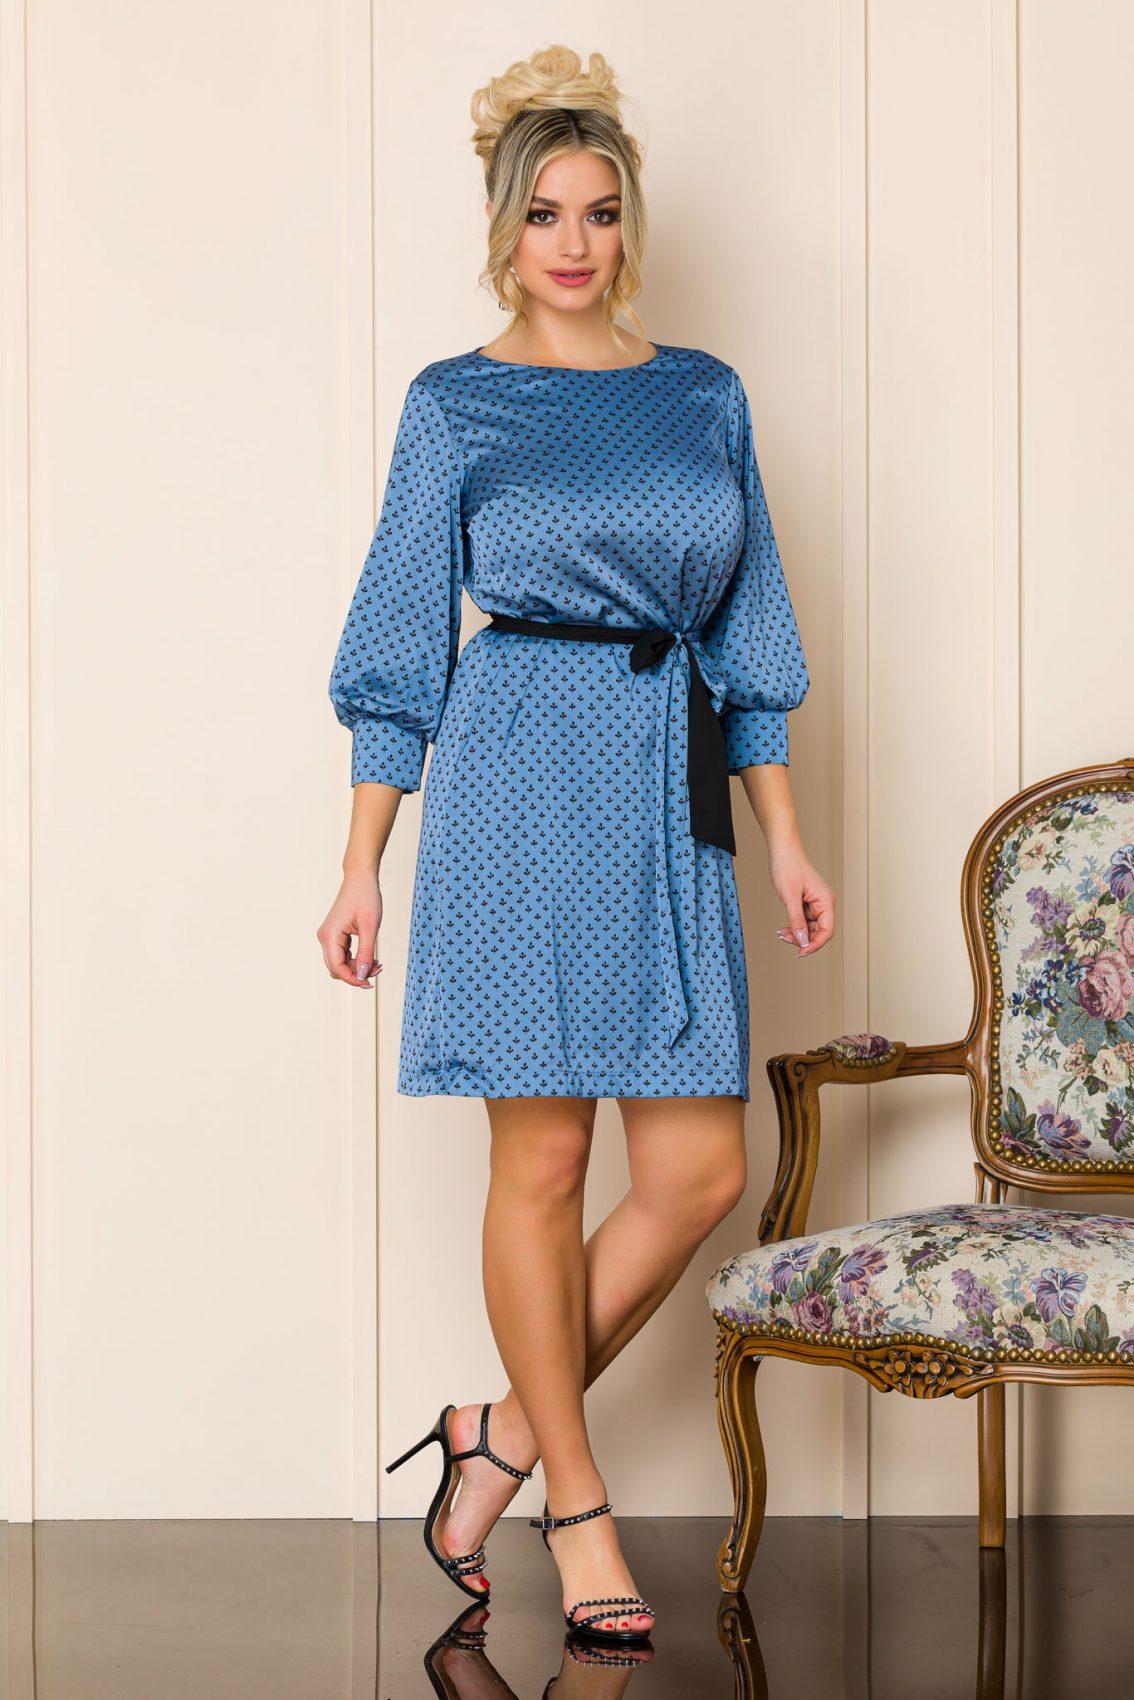 Μπλε Σατέν Φόρεμα Marina A196 1